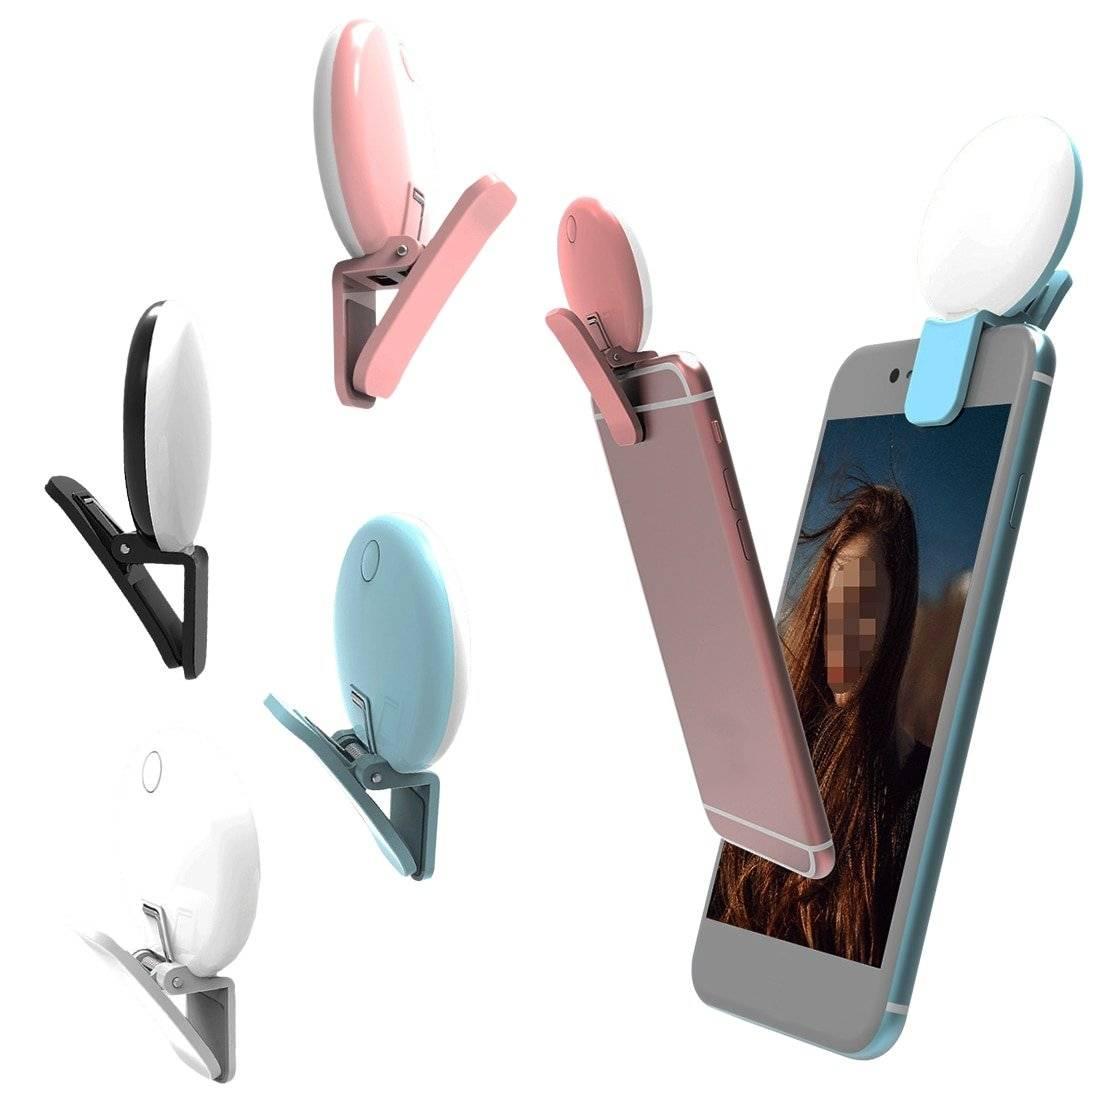 Mini Selfie Light for Smartphone